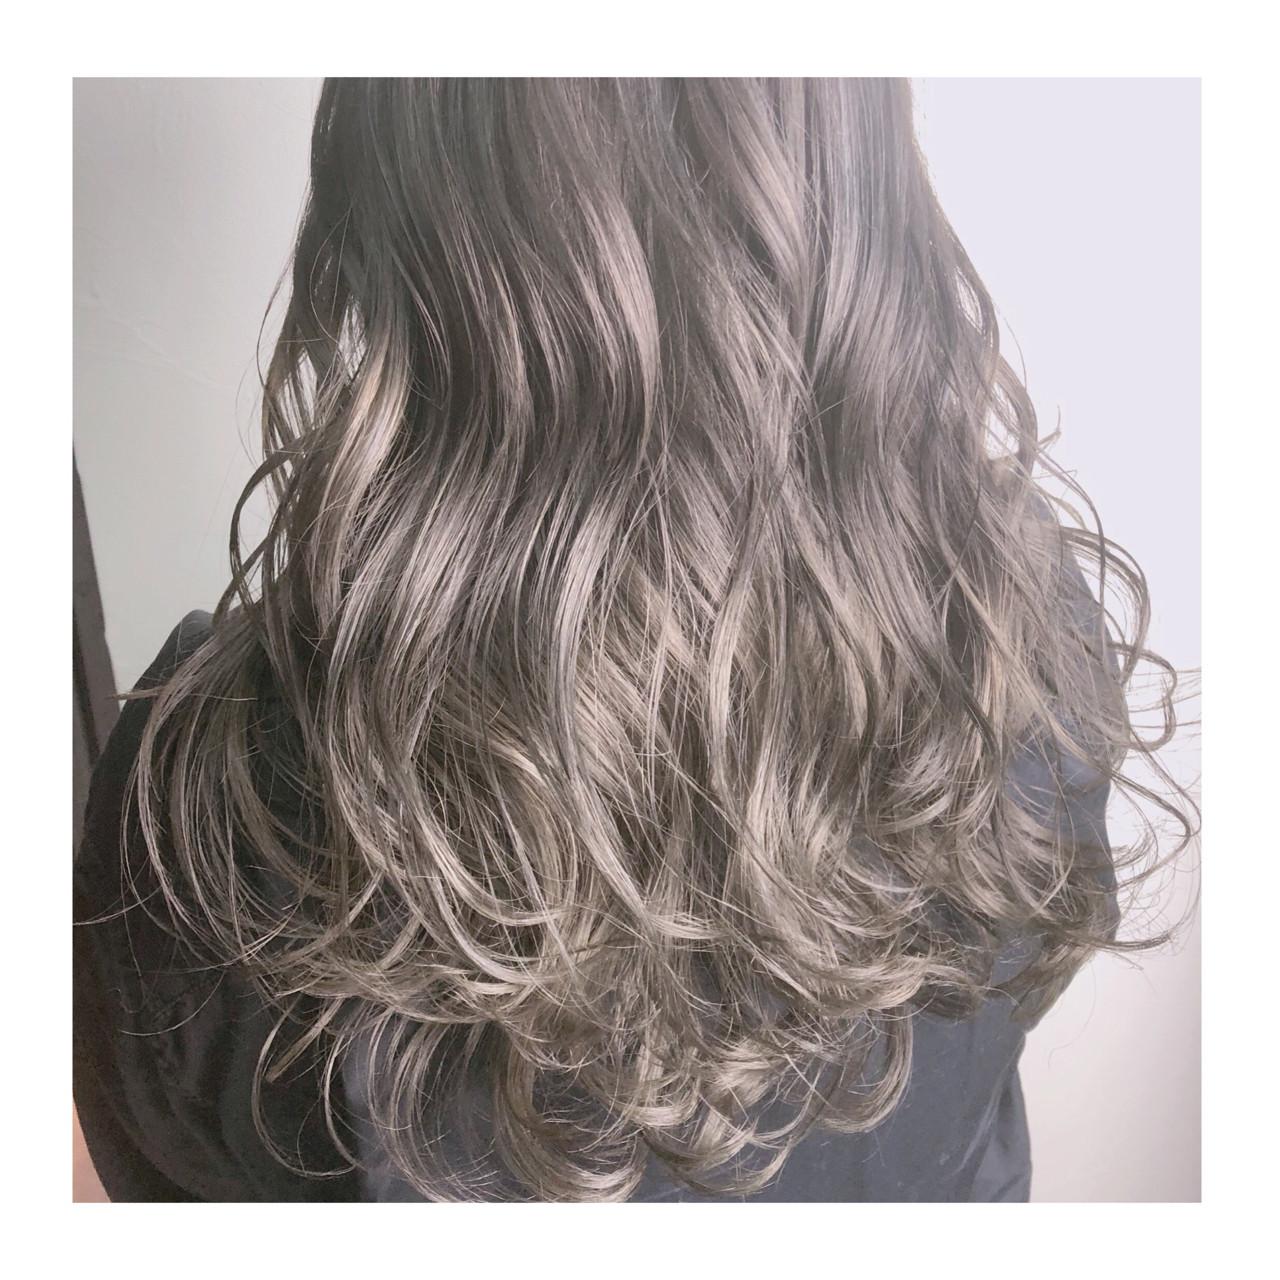 グレージュ アッシュグレージュ セミロング 外国人風カラー ヘアスタイルや髪型の写真・画像